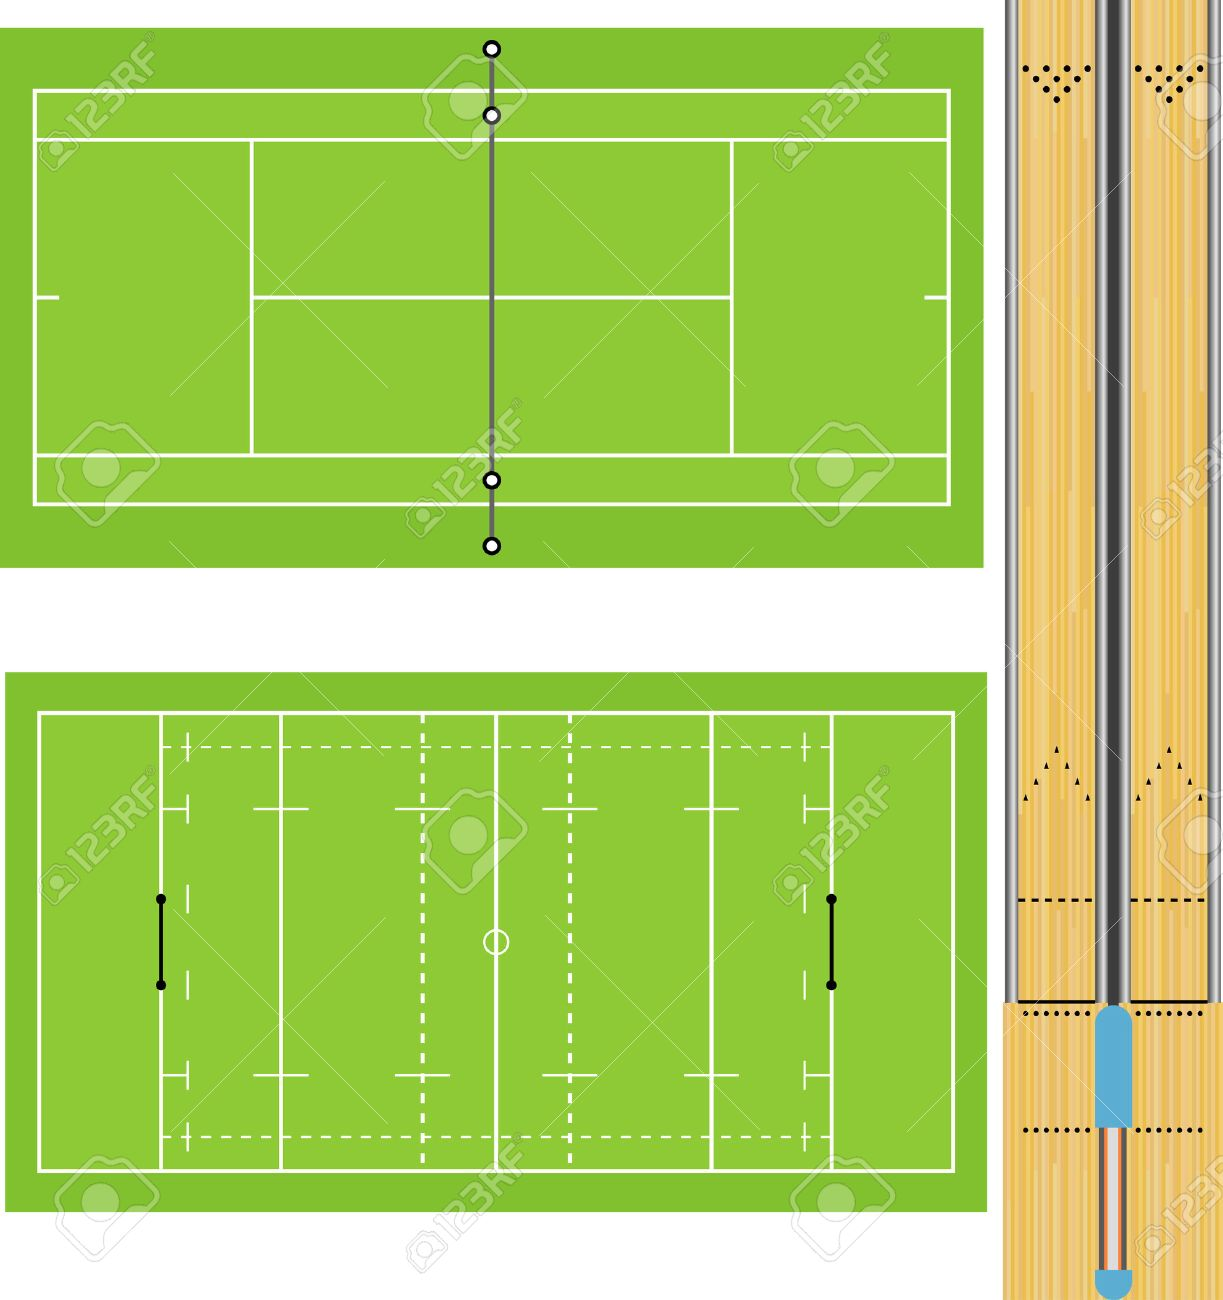 テニスコートラグビー場10 ピンのボーリングの車線のイラスト正確